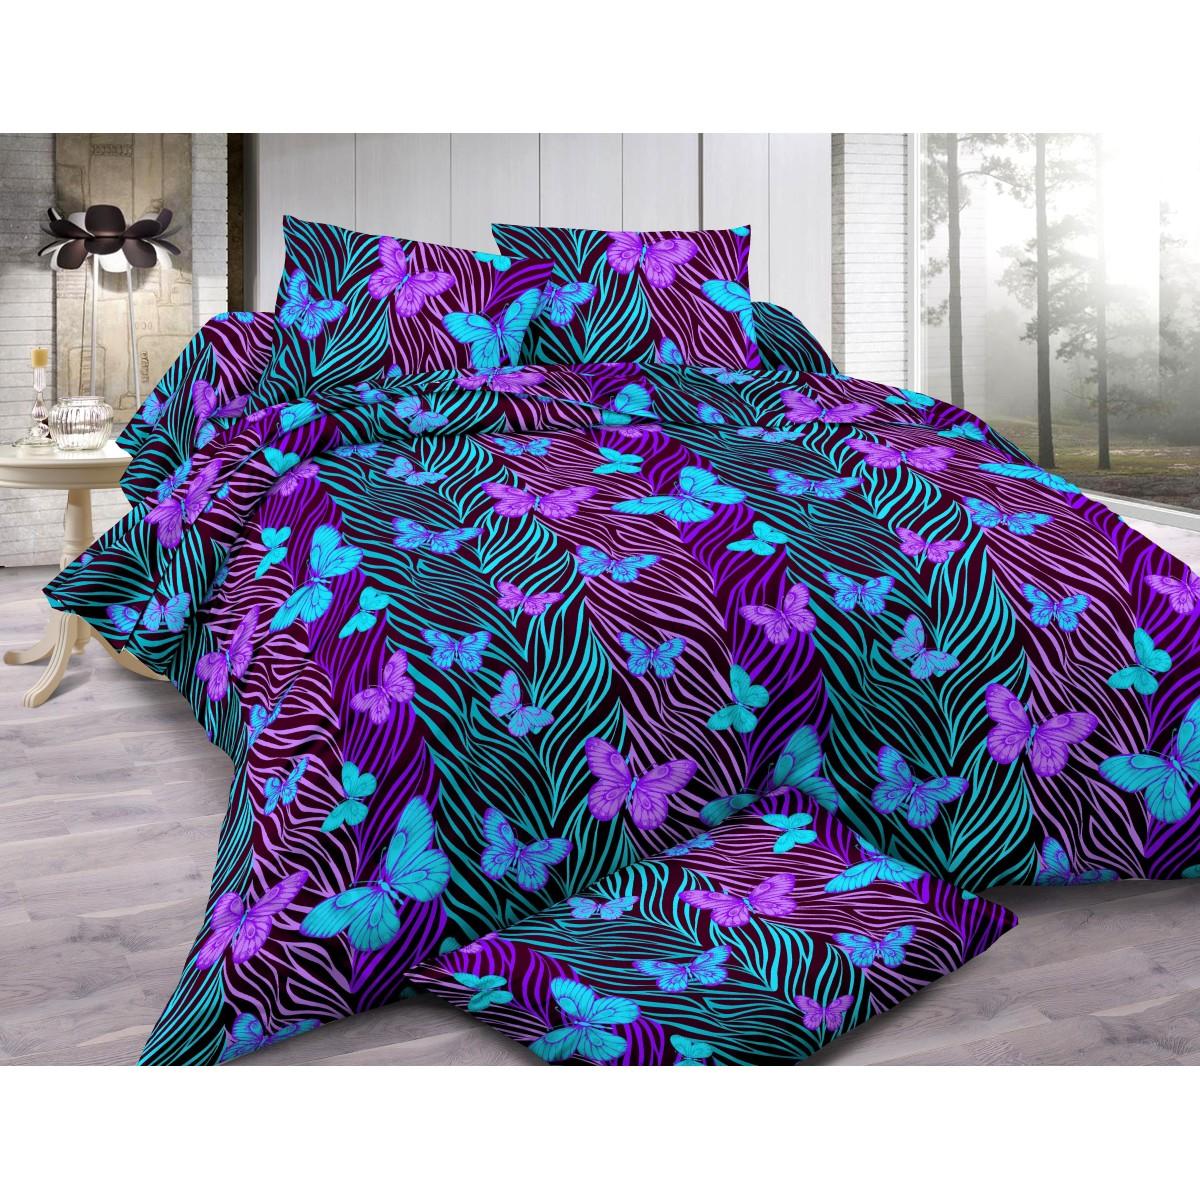 Комплект постельного белья Glamour полутораспальный сатин